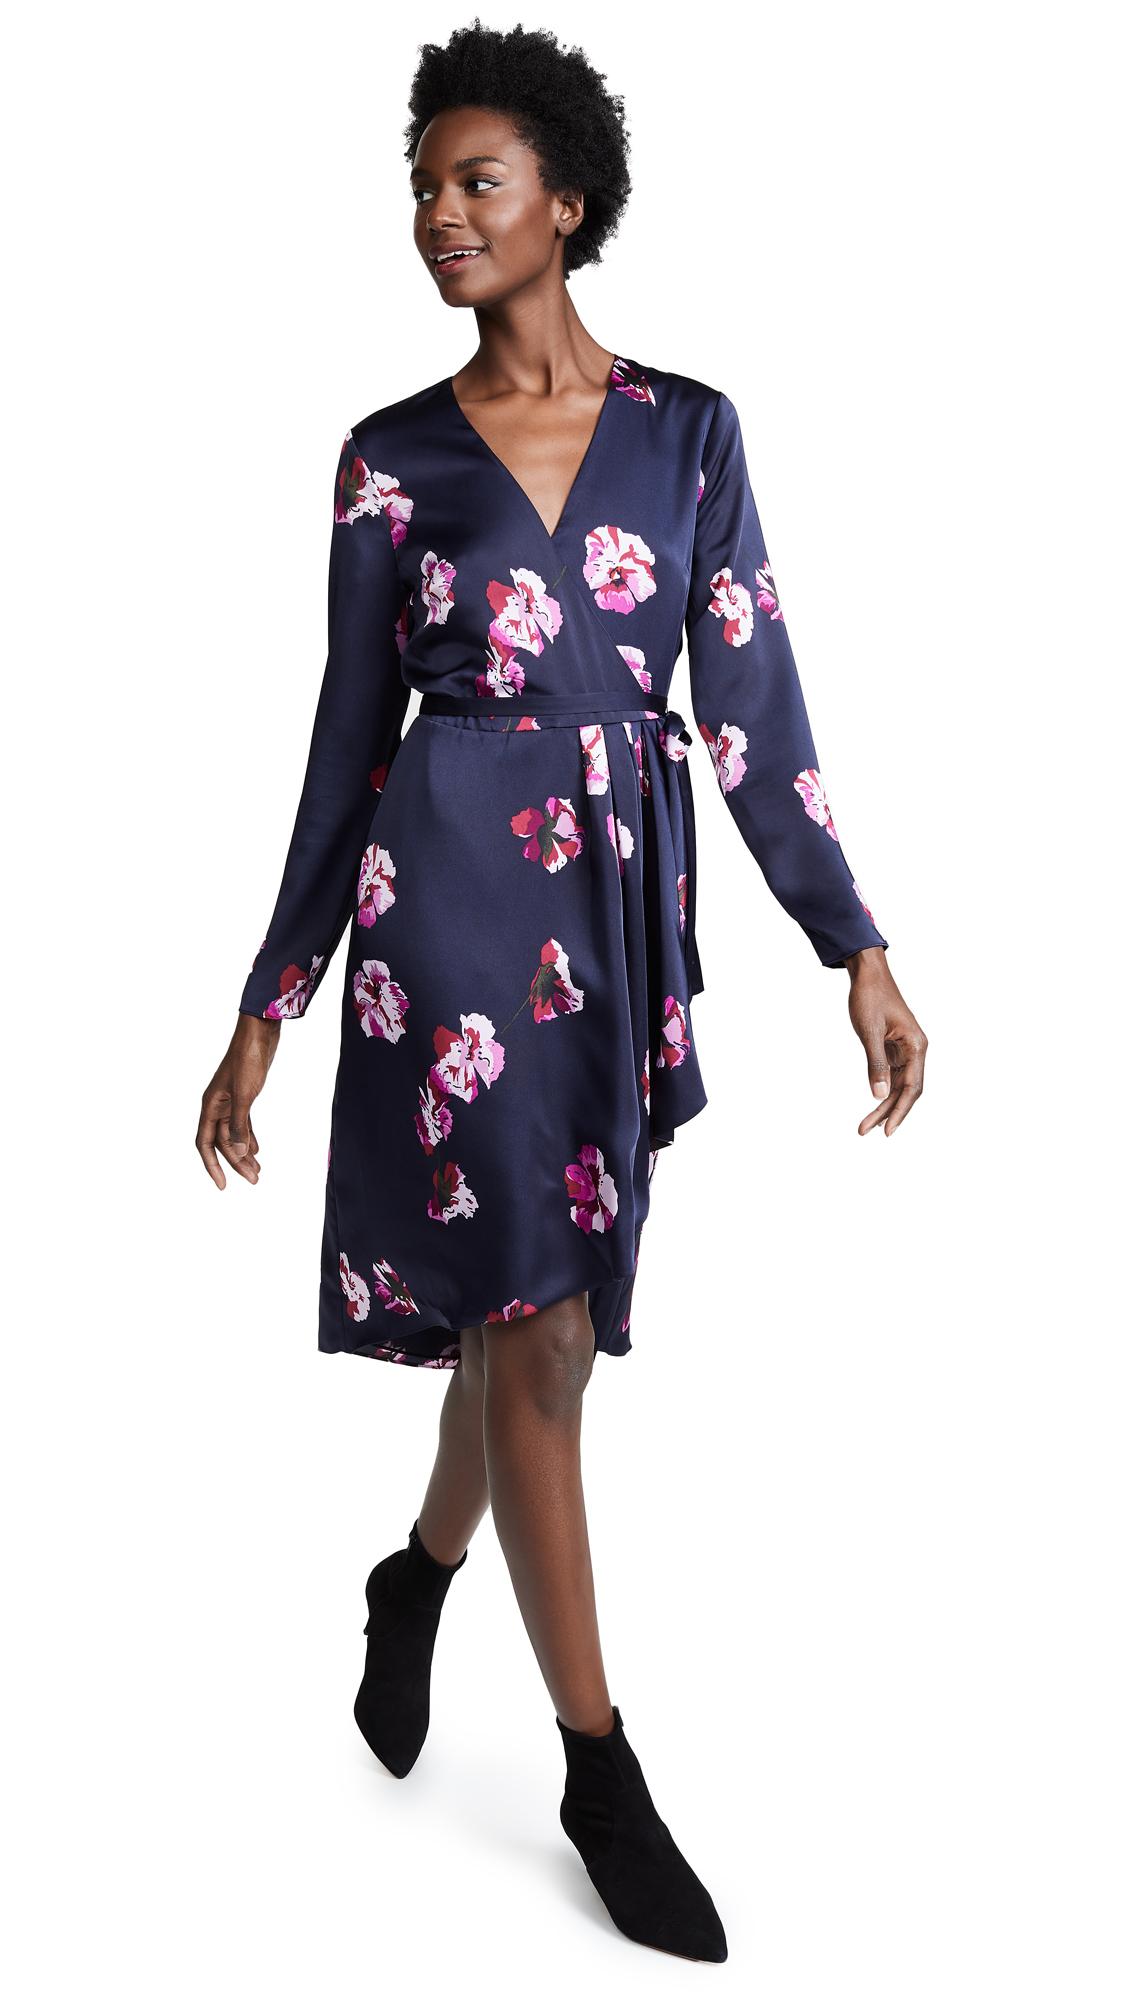 Joie Miltona Dress In Midnight